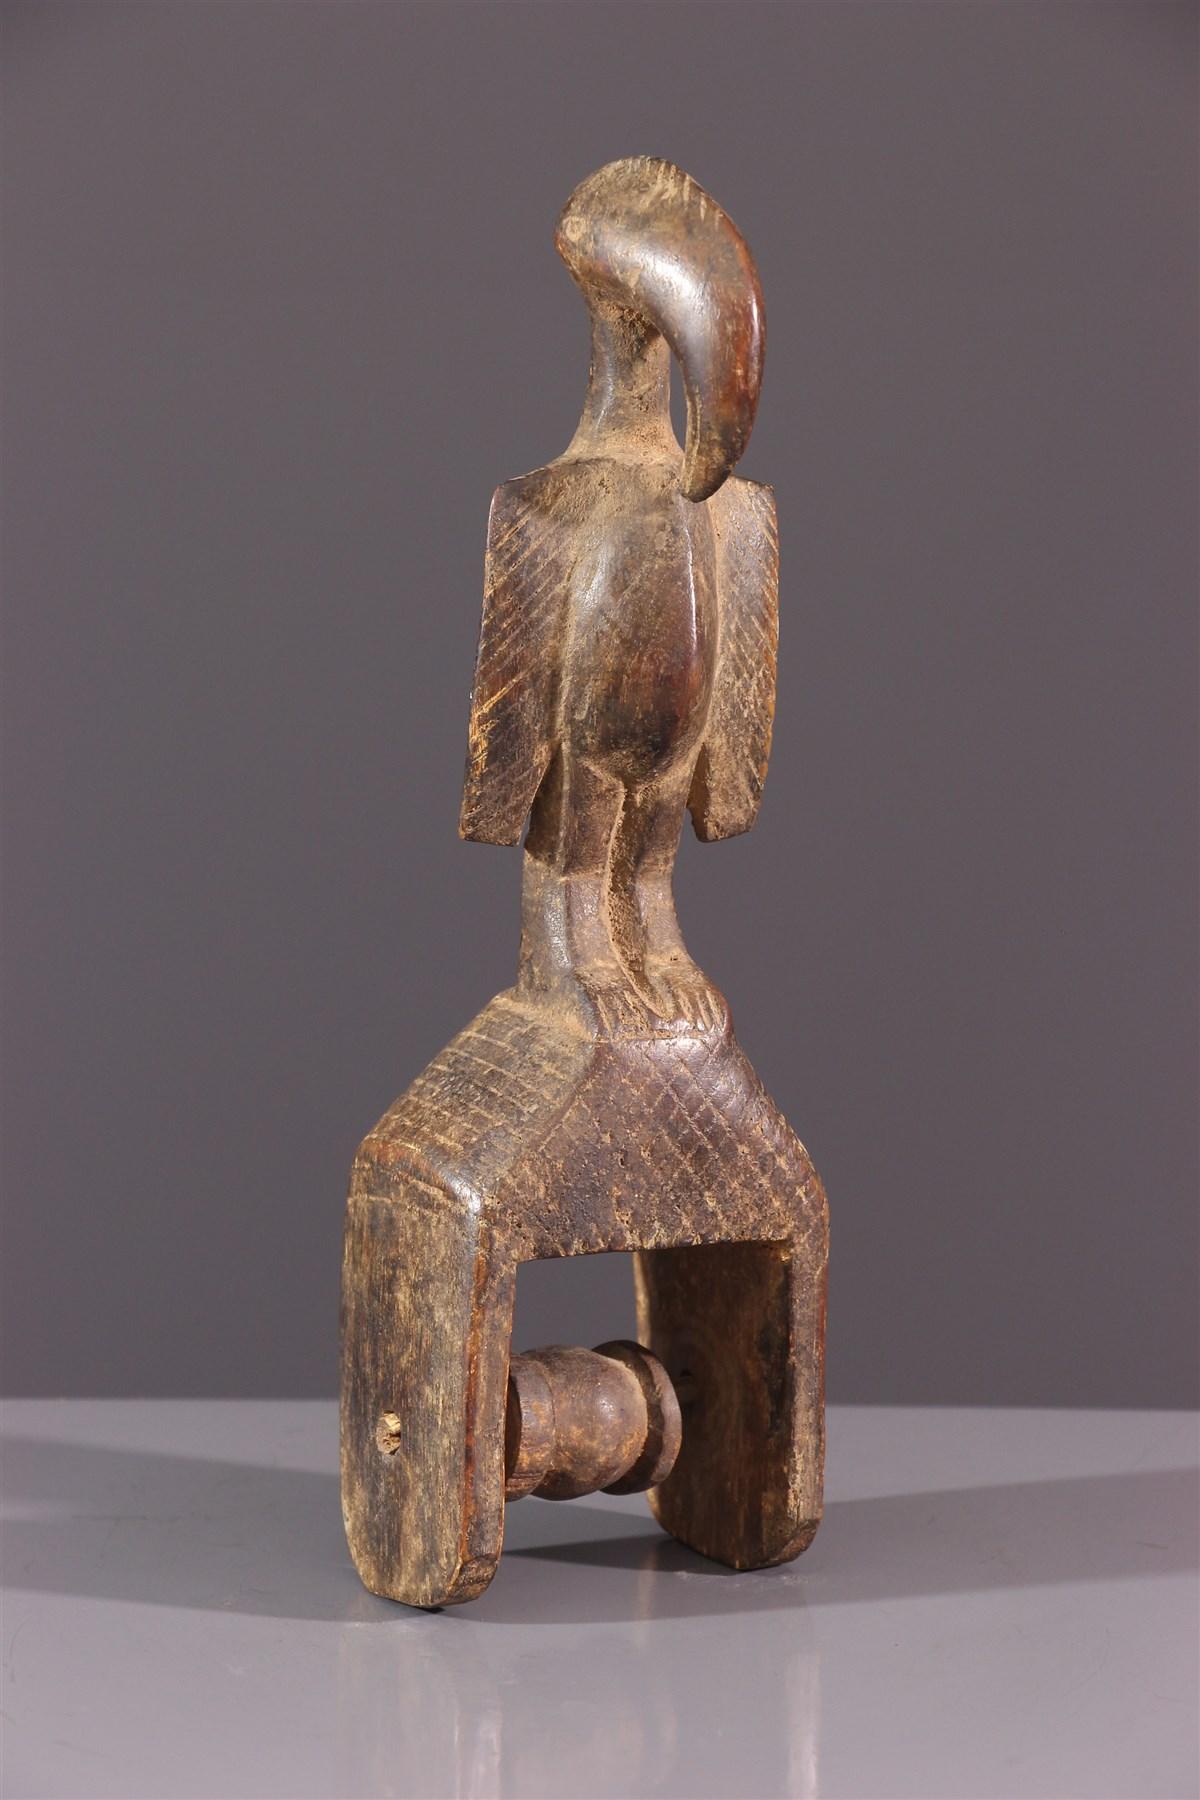 Etrier de métier à tisser Senoufo - Art africain